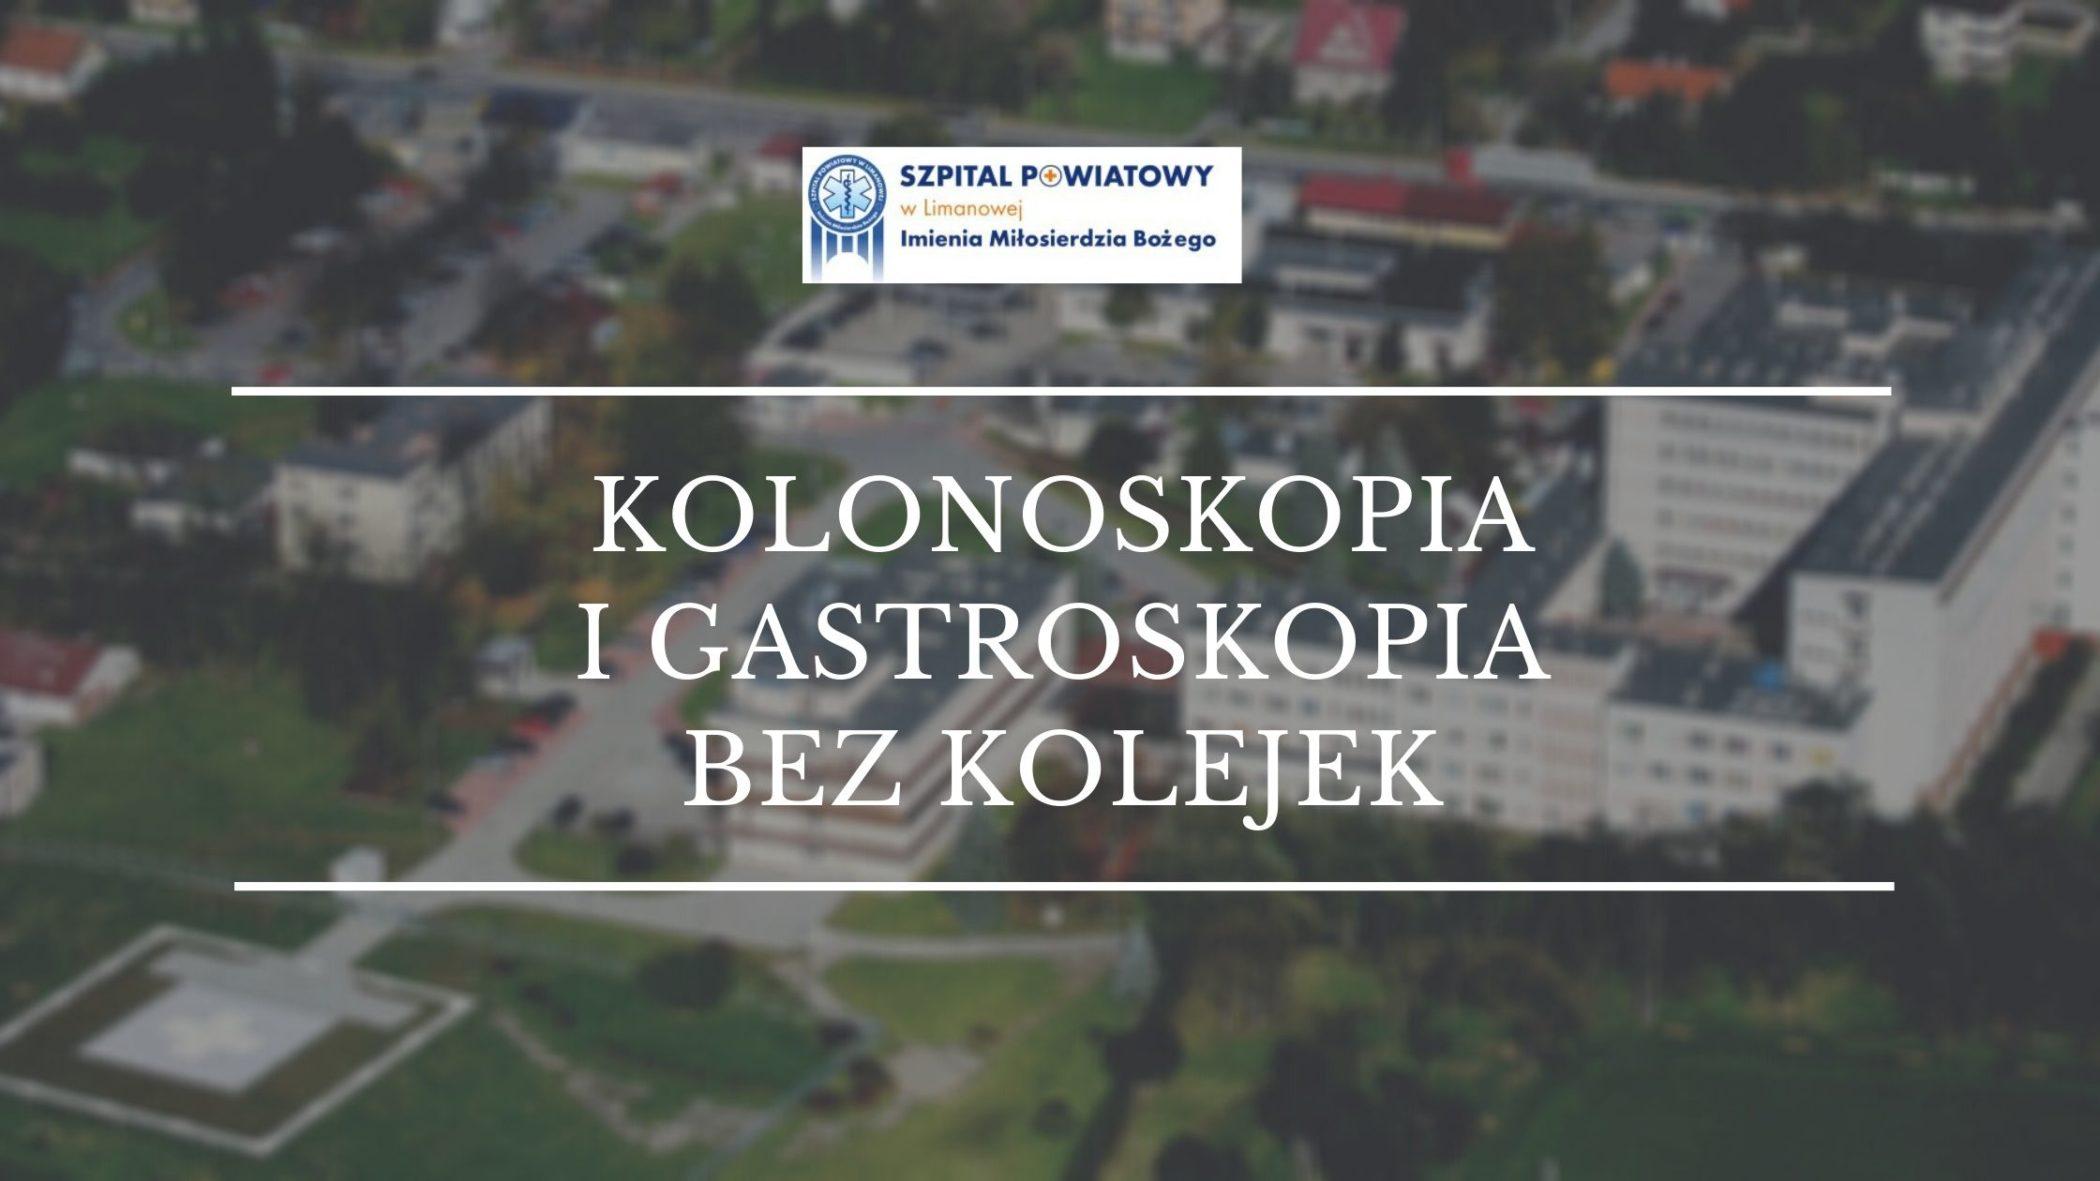 Biały napis kolonoskopia i gastroskopia bez kolejek na rozmytej grafice przedstawiającej szpita limanowski z lotu ptaka. Na górze logo szpitala powiatowego.